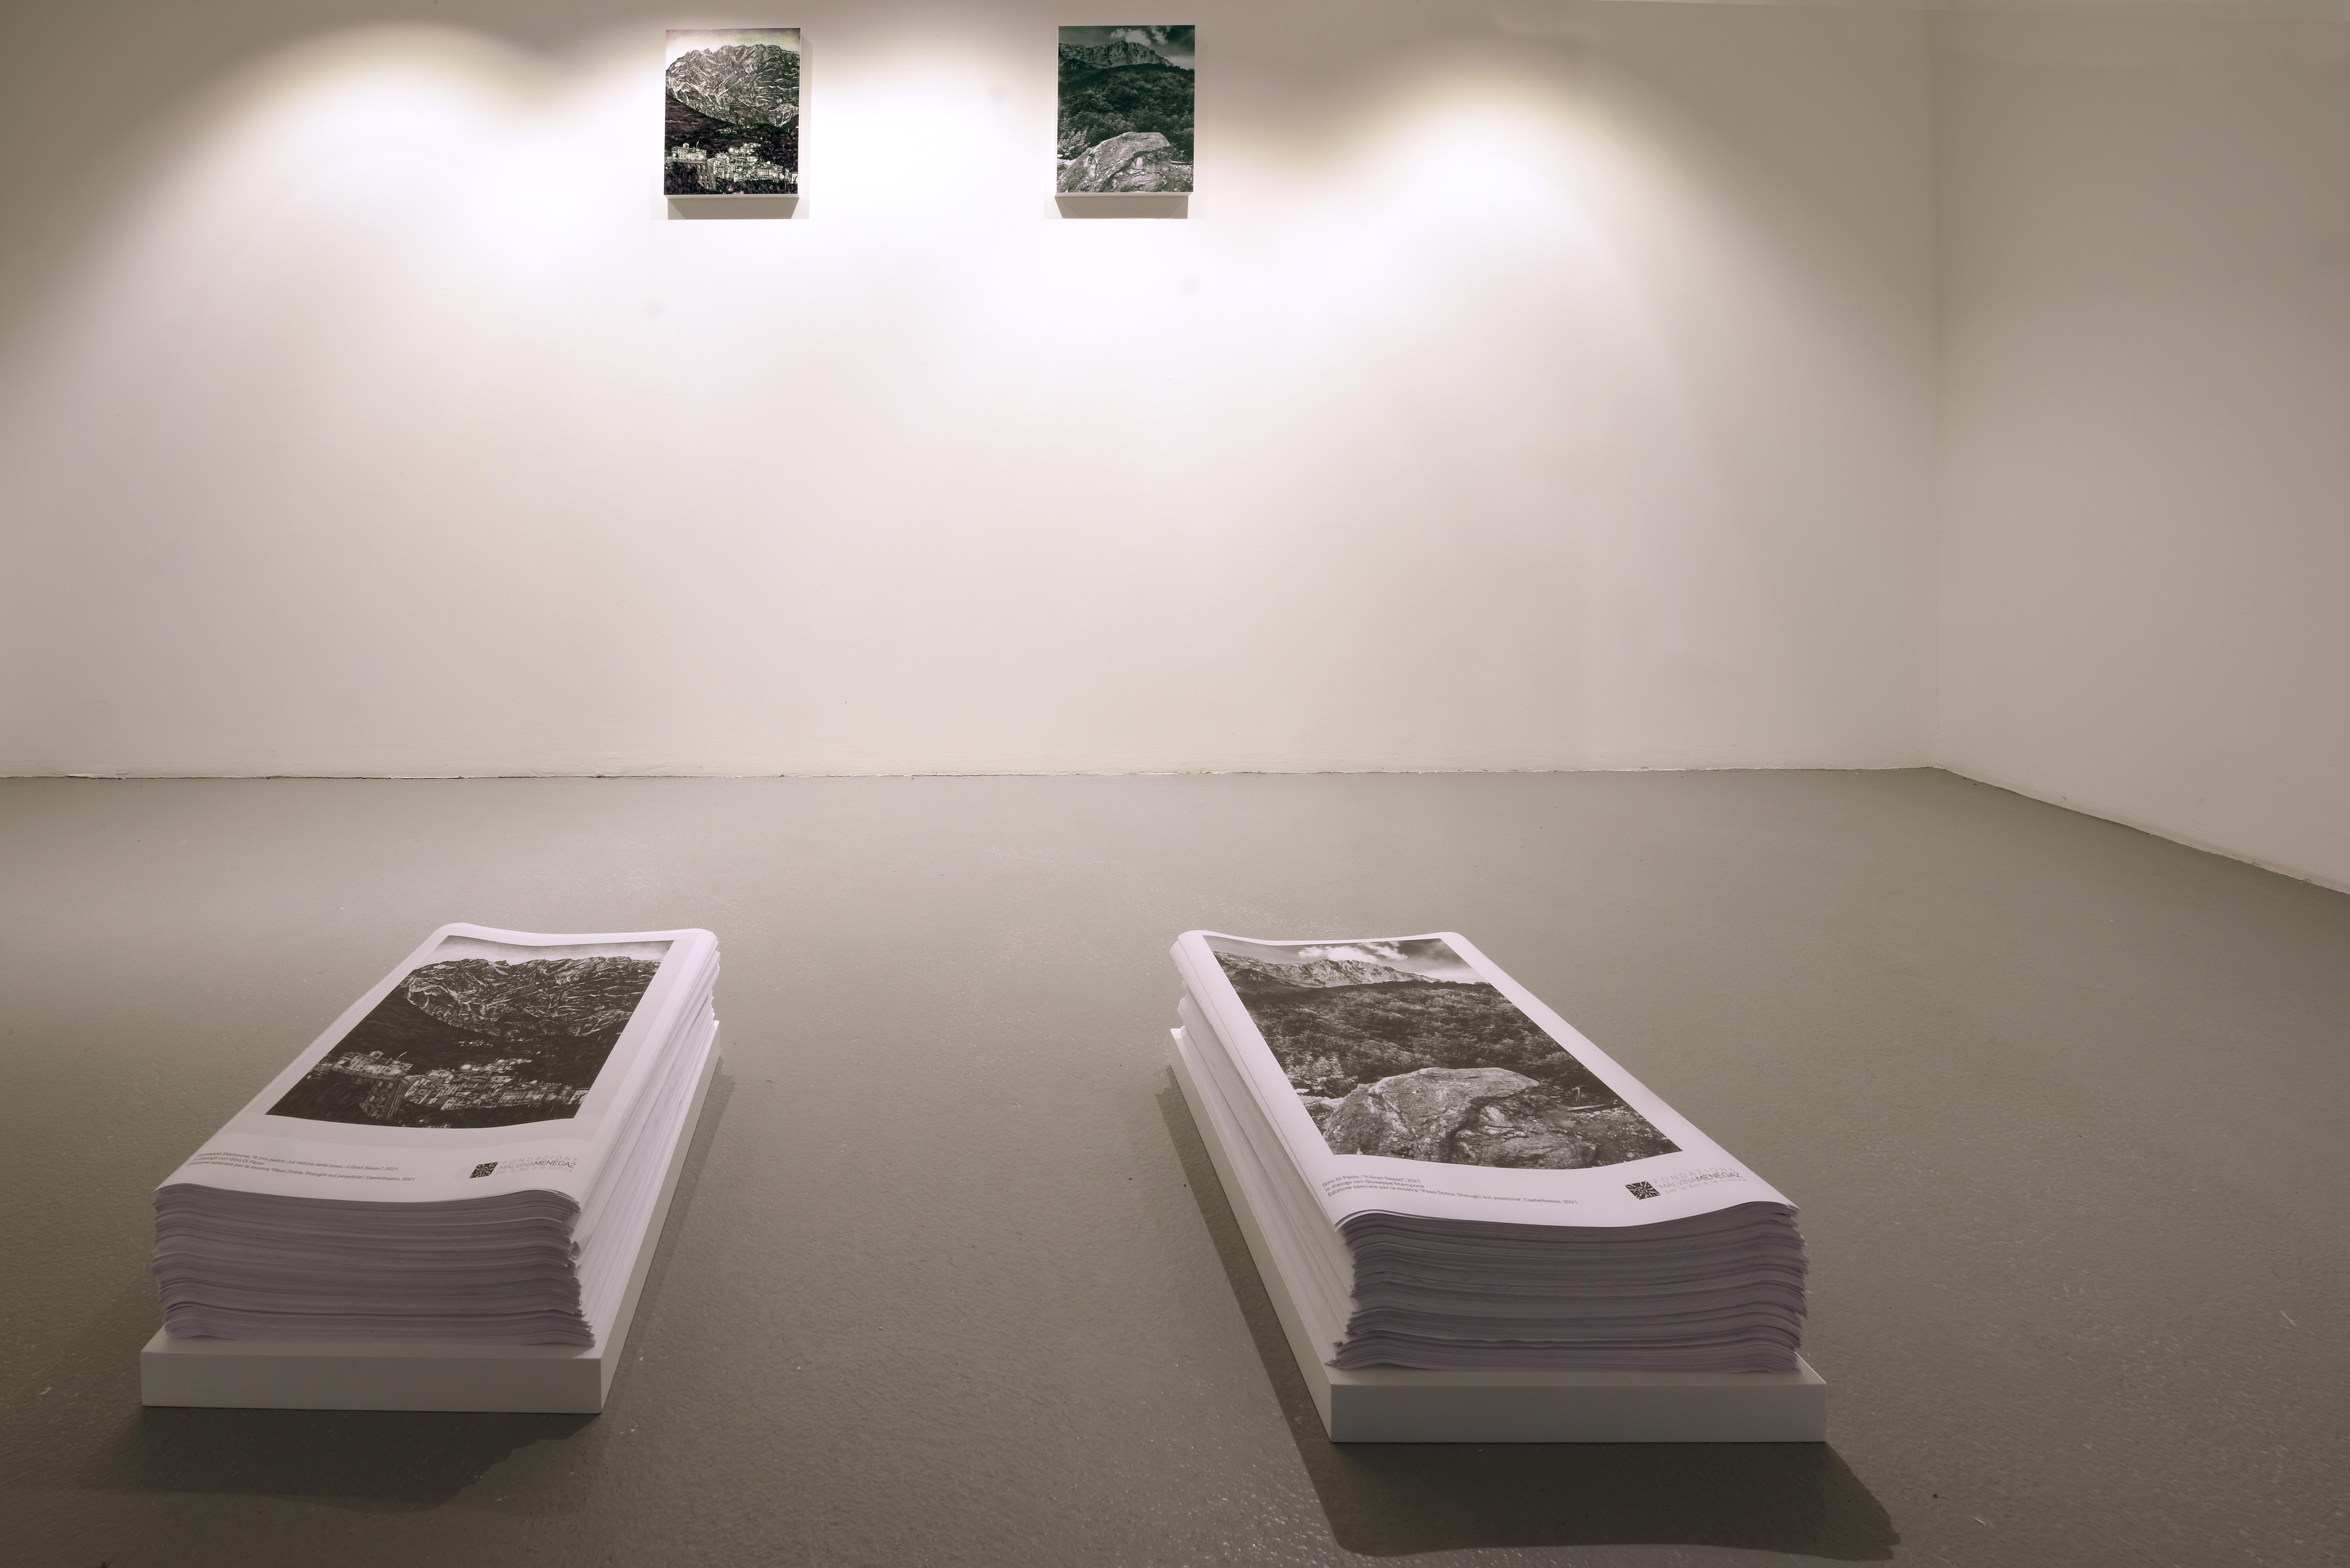 Giuseppe Stampone - Gino Di Paolo - Paso Doble, Dialoghi sul possibile - Fondazione Malvina Menegaz, Castelbasso (TE) - ph. Gino Di Paolo